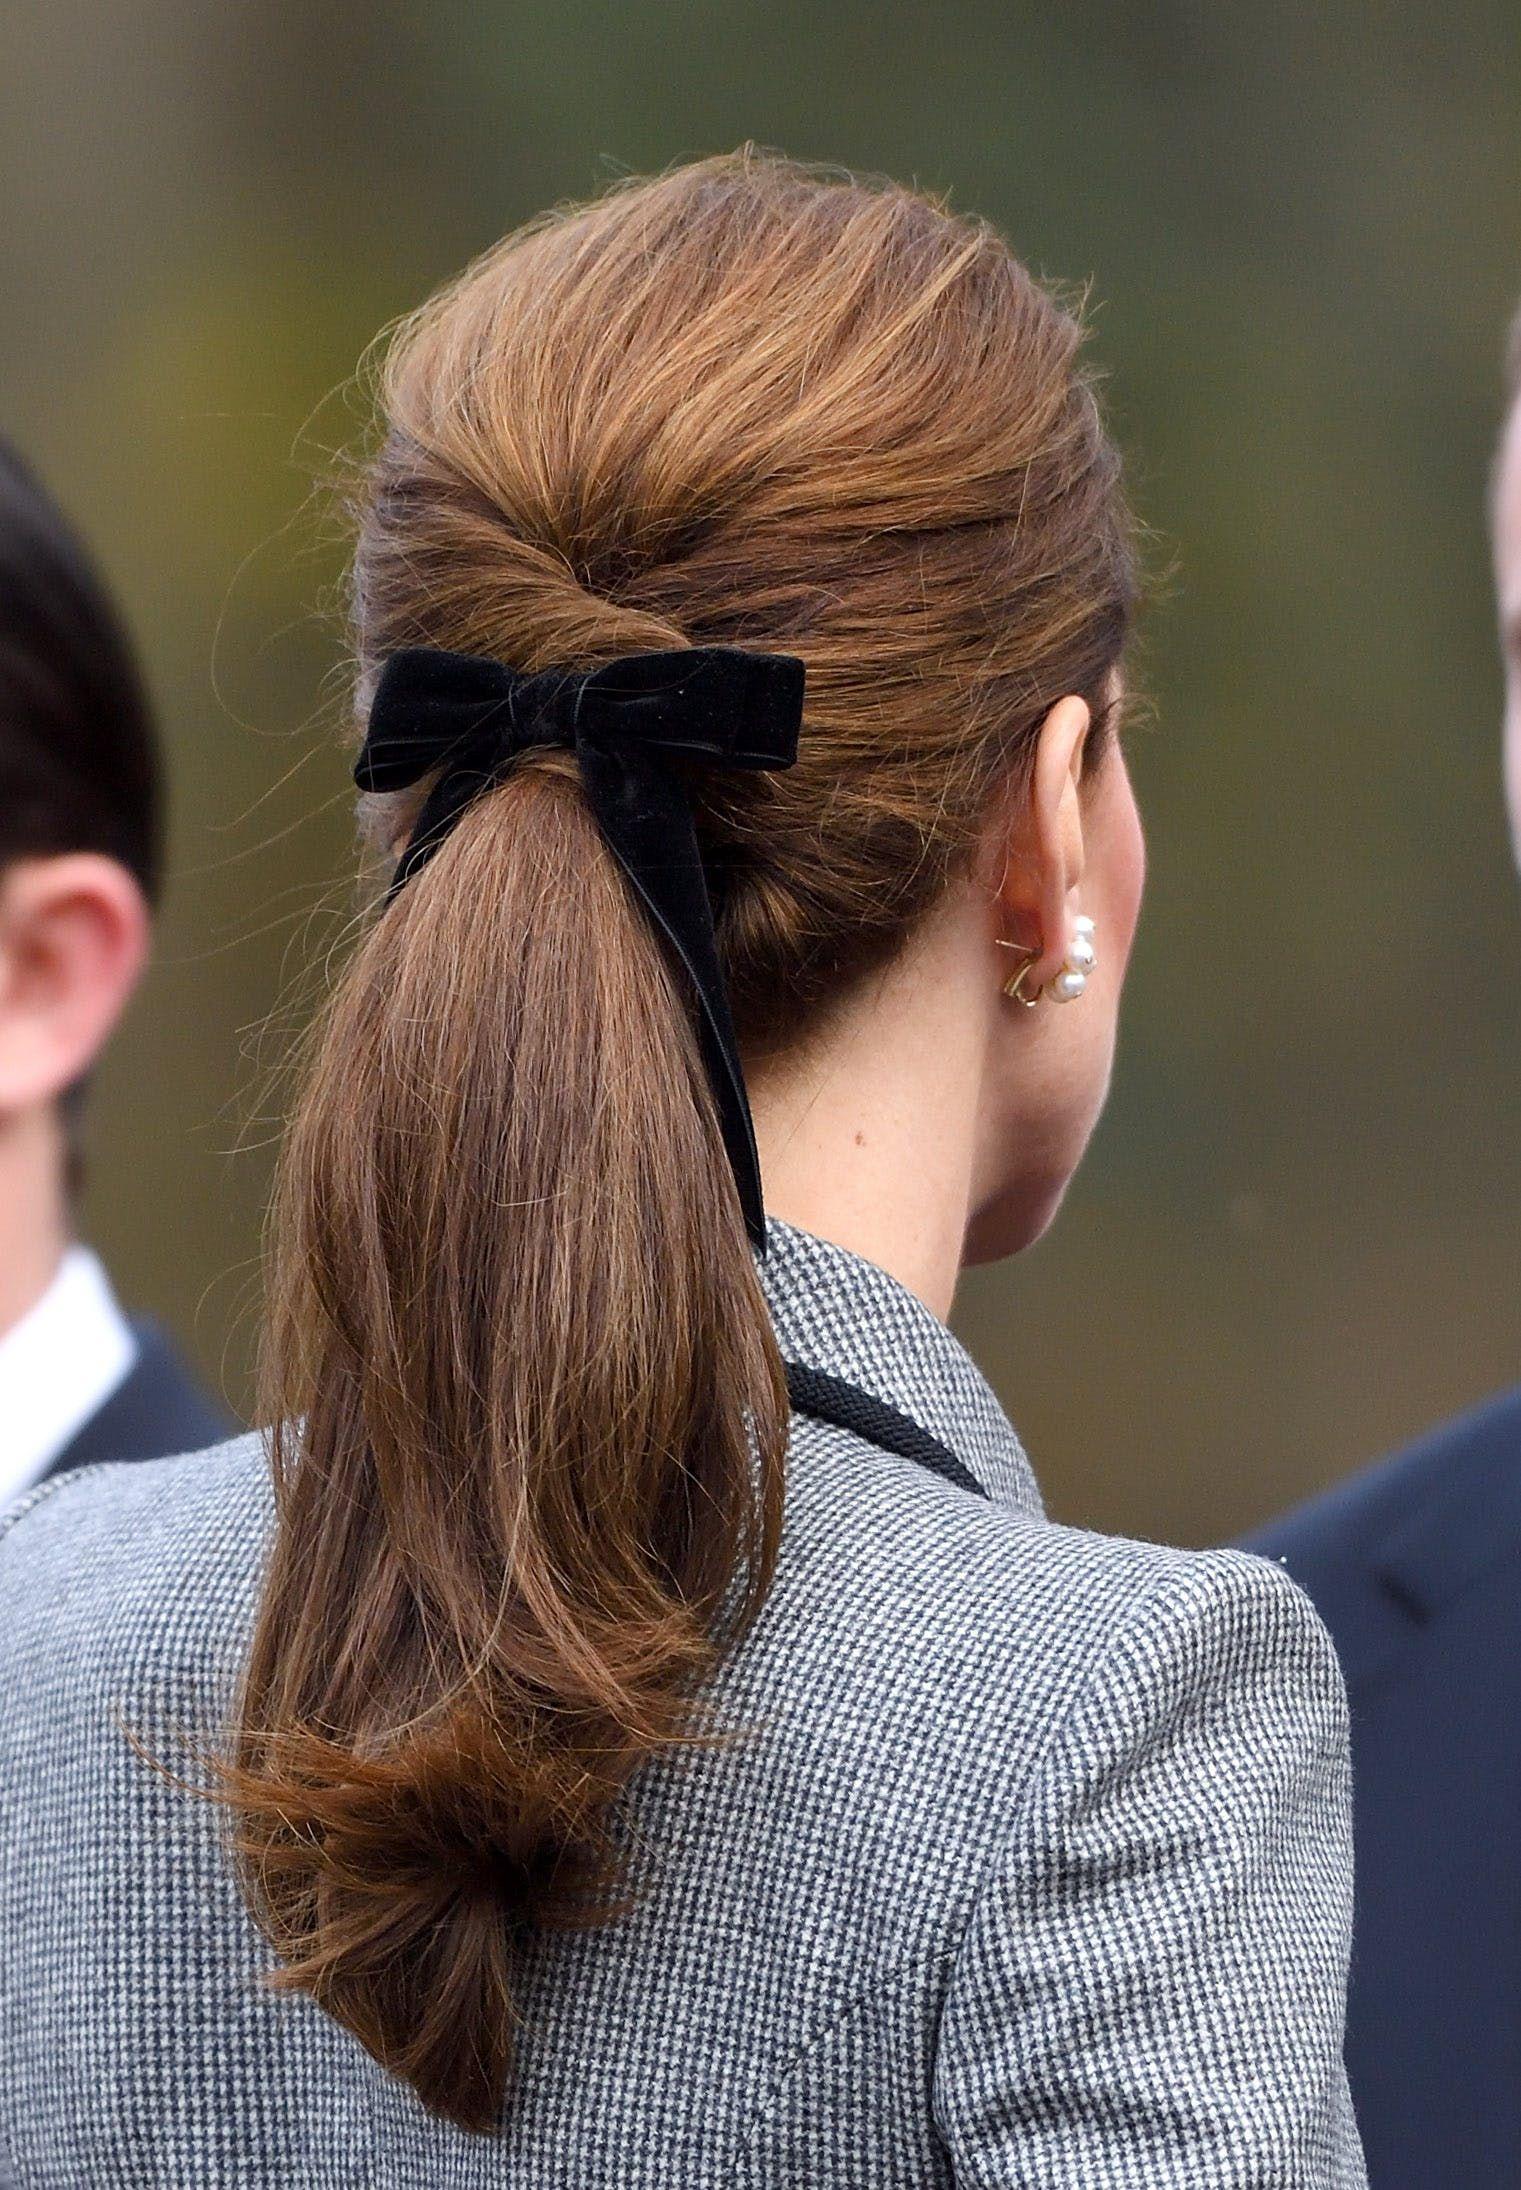 Đúng là đẳng cấp Hoàng hậu tương lai, chỉ riêng chuyện buộc tóc của Công nương Kate cũng khiến dân tình trầm trồ - Ảnh 7.